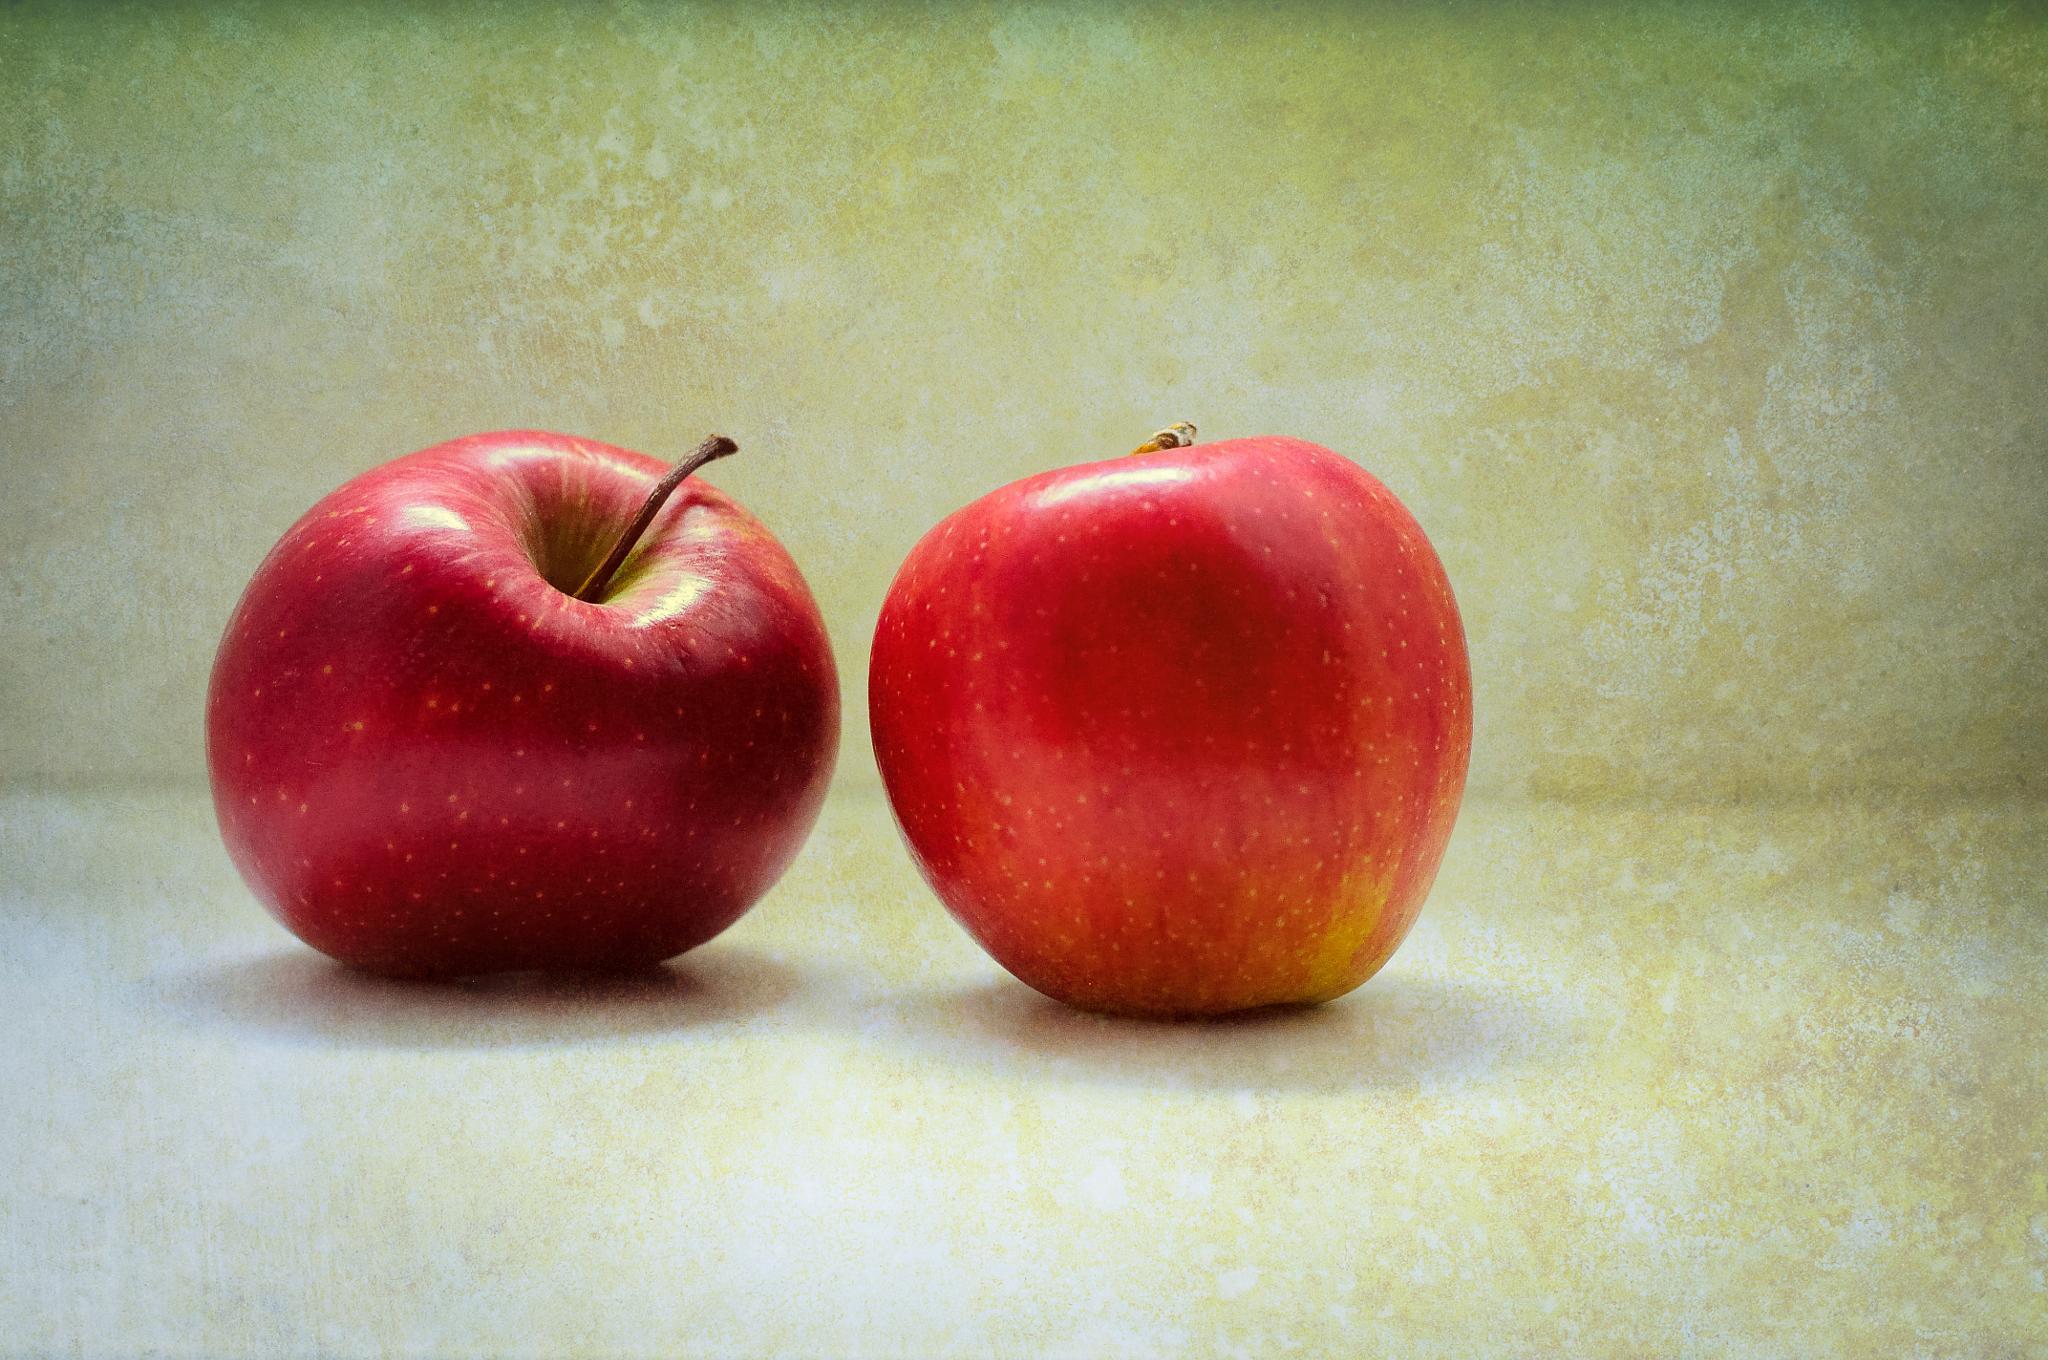 Two by Akanjee Nizam